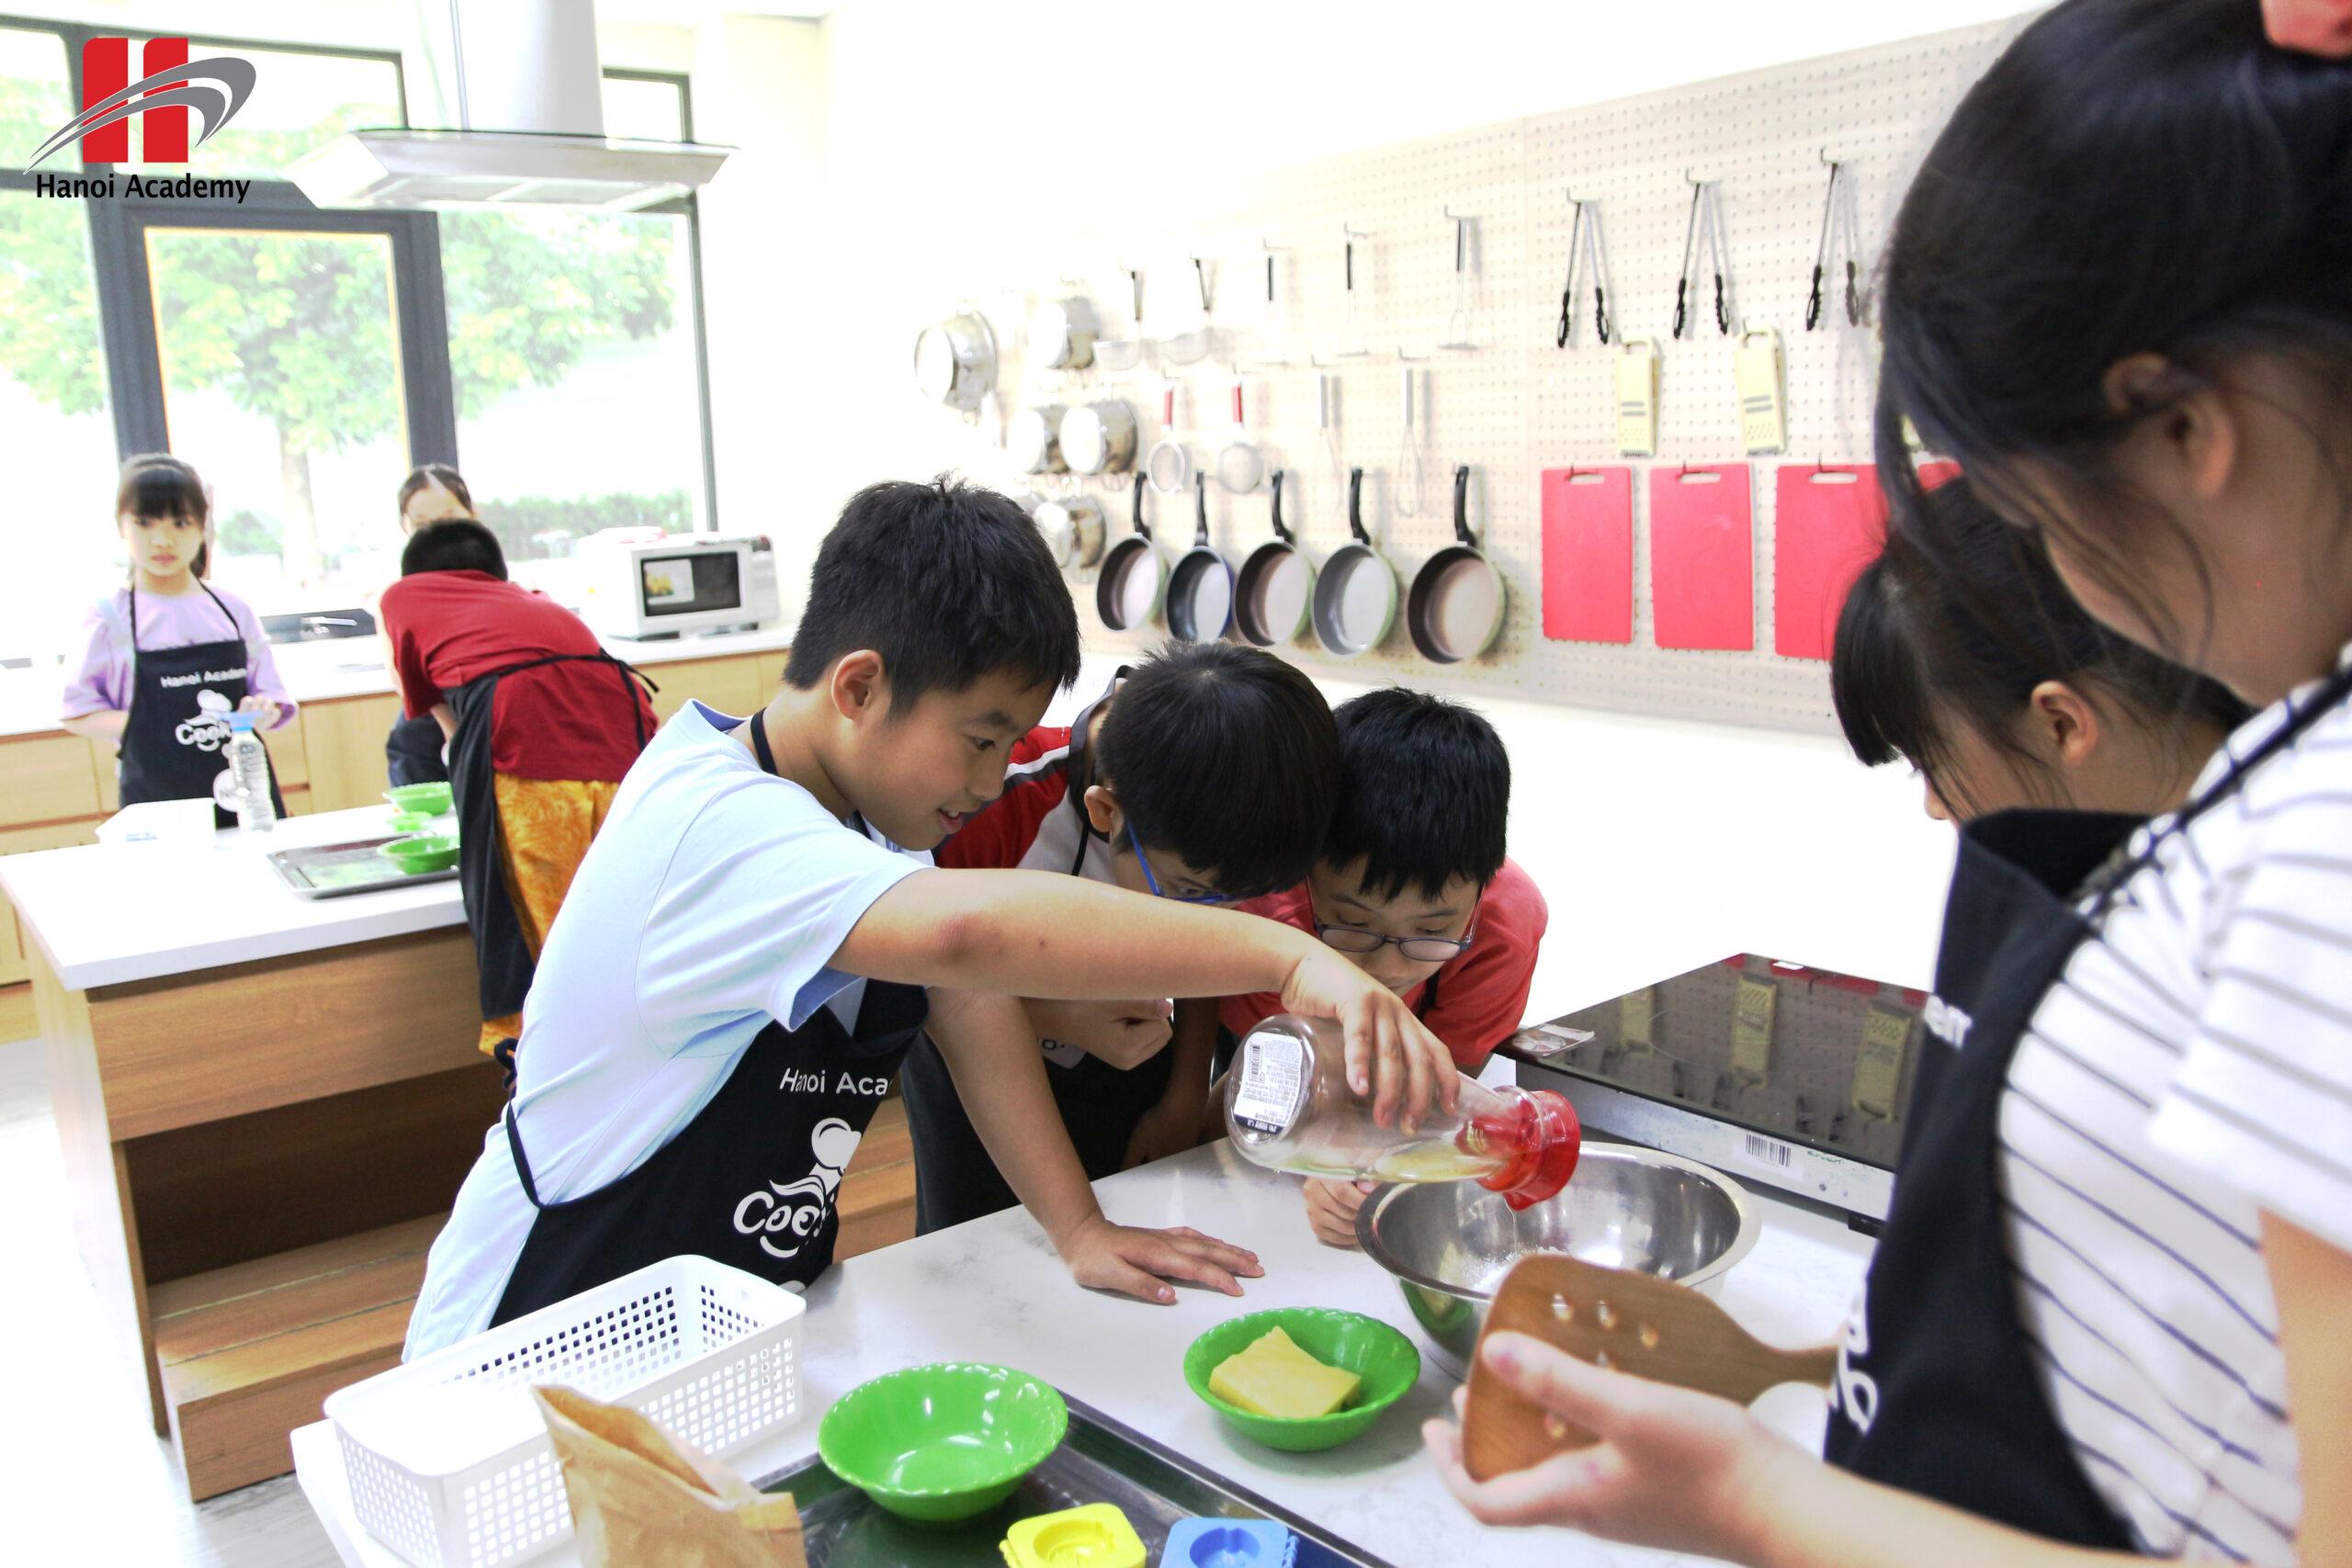 Tập làm bánh trung thu với những đầu bếp nhí của Hanoi Academy